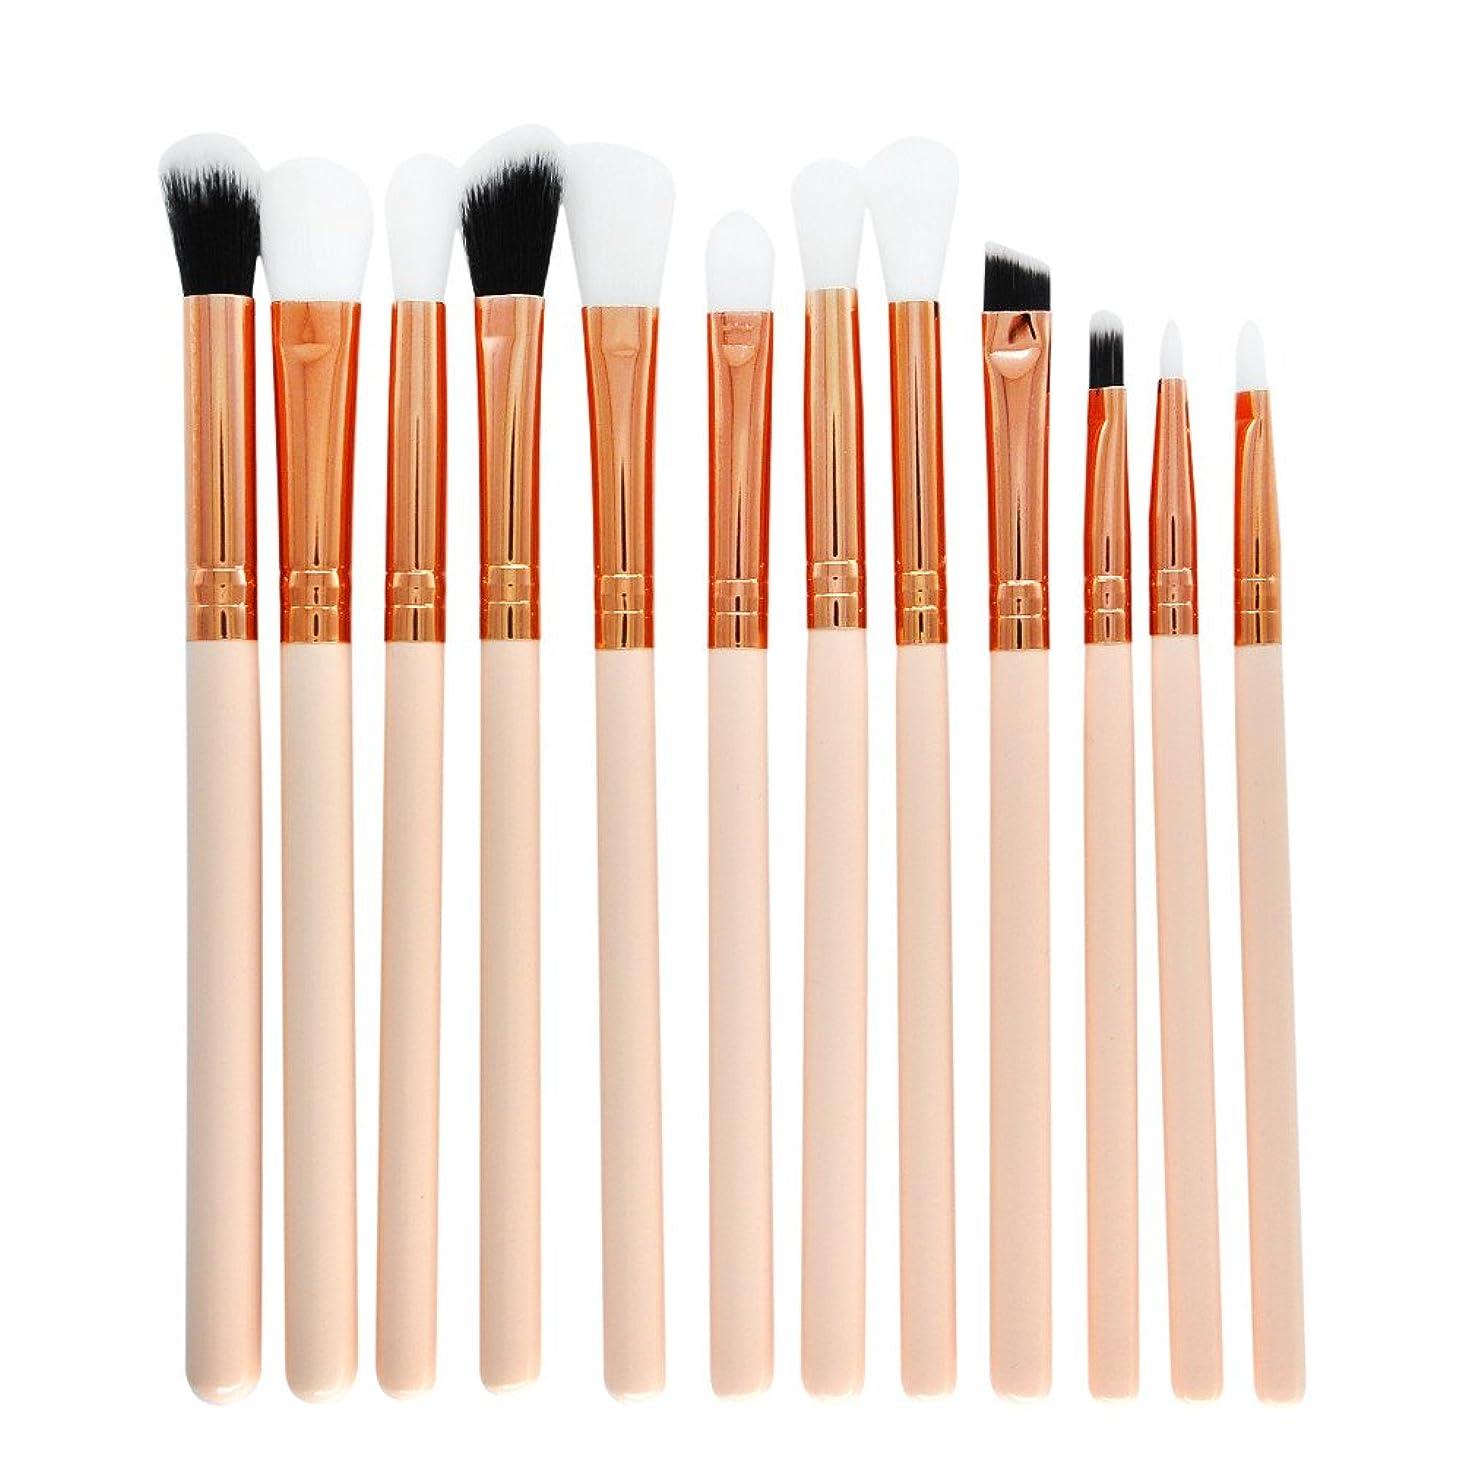 公平報復するいわゆる12 本セット化粧筆 | メイクアップブラシセット アイシャドウメイクブラシ| コスメチック化粧ブラシキットビューティーツール (ホワイト)